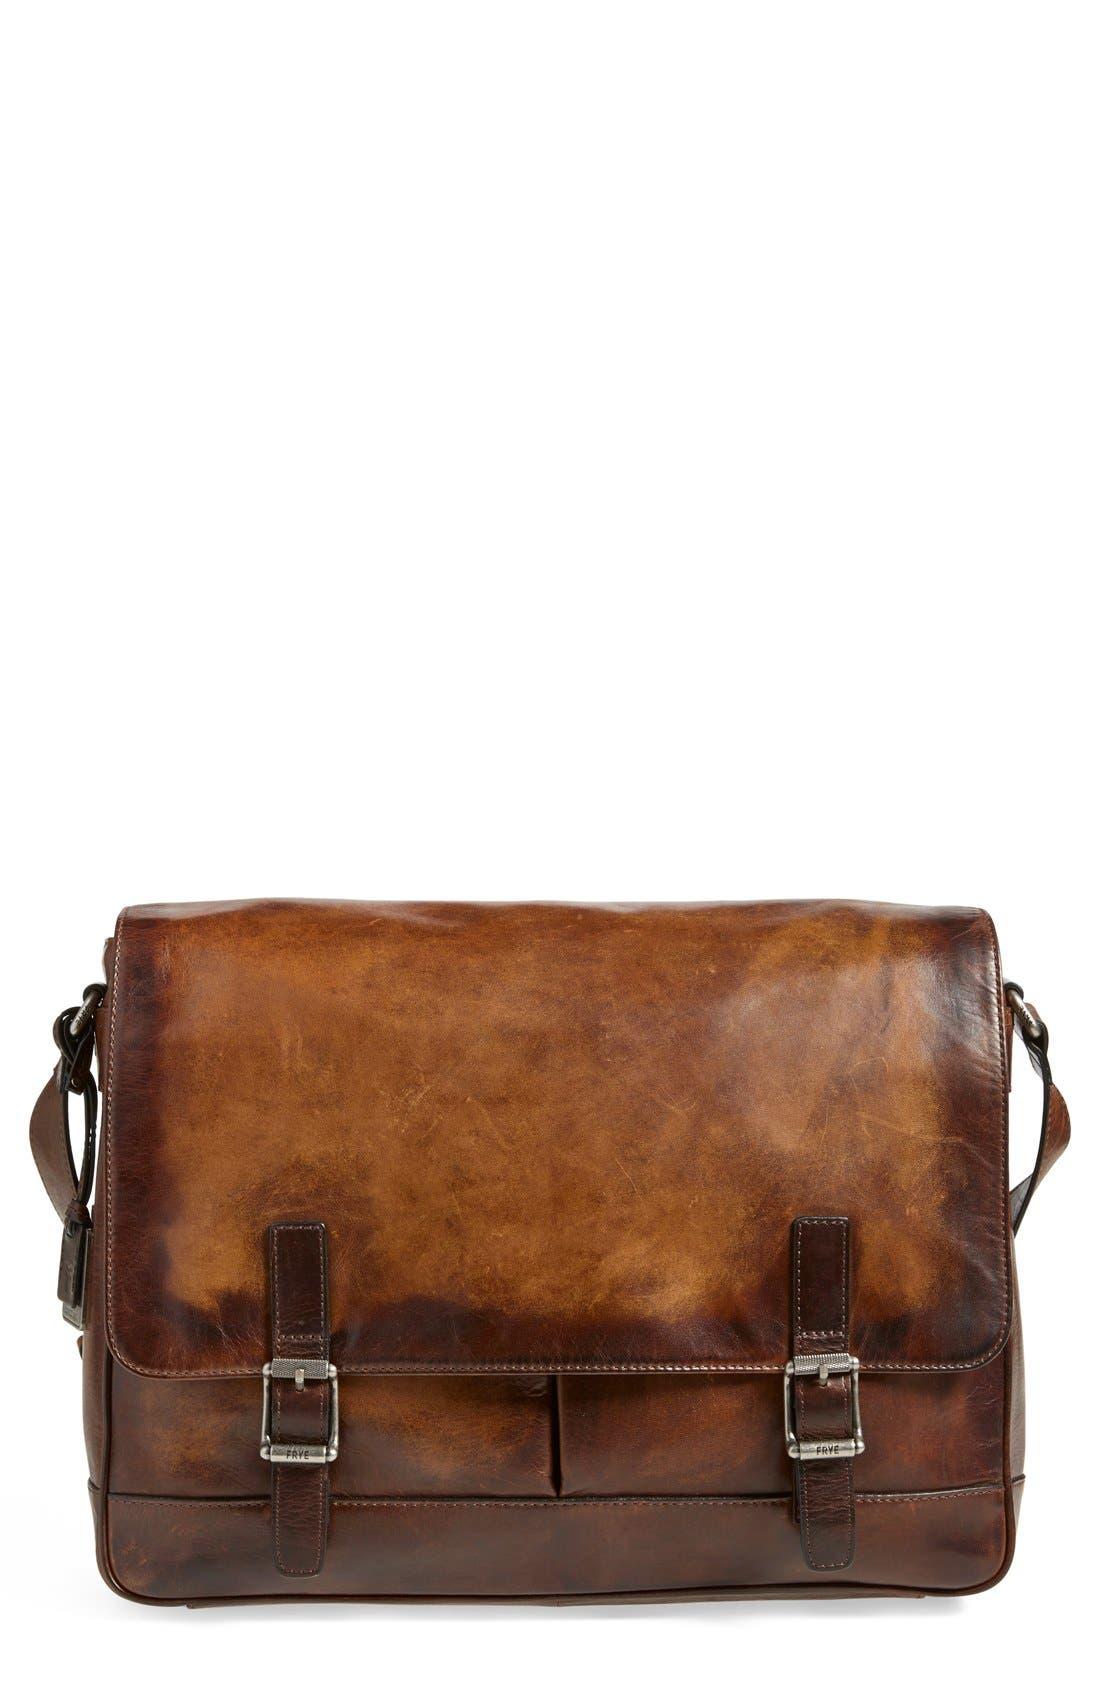 Main Image - Frye 'Oliver' Leather Messenger Bag